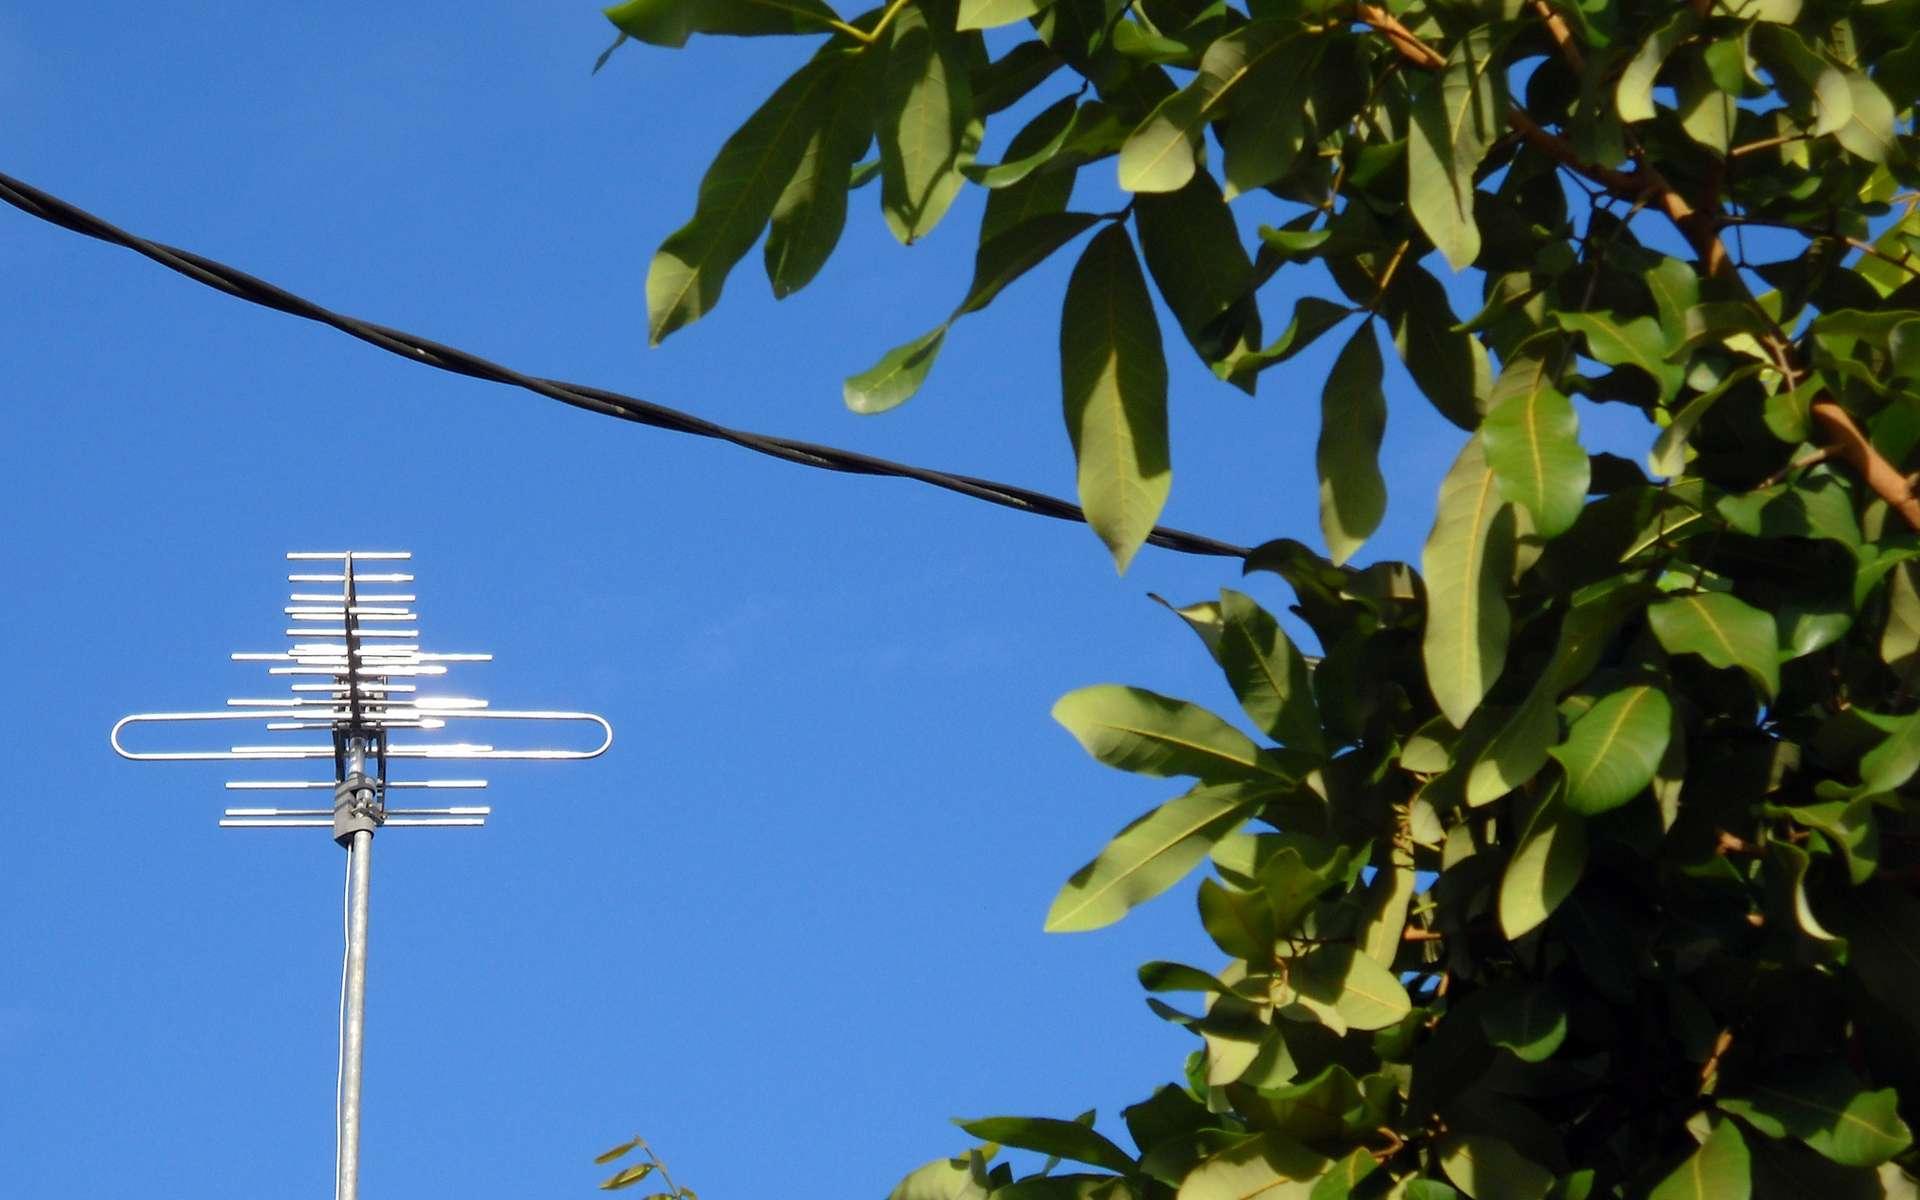 La plupart des antennes hertziennes permettent de recevoir la TNT. © AbdillahAbi, flickr, CC BY 2.0